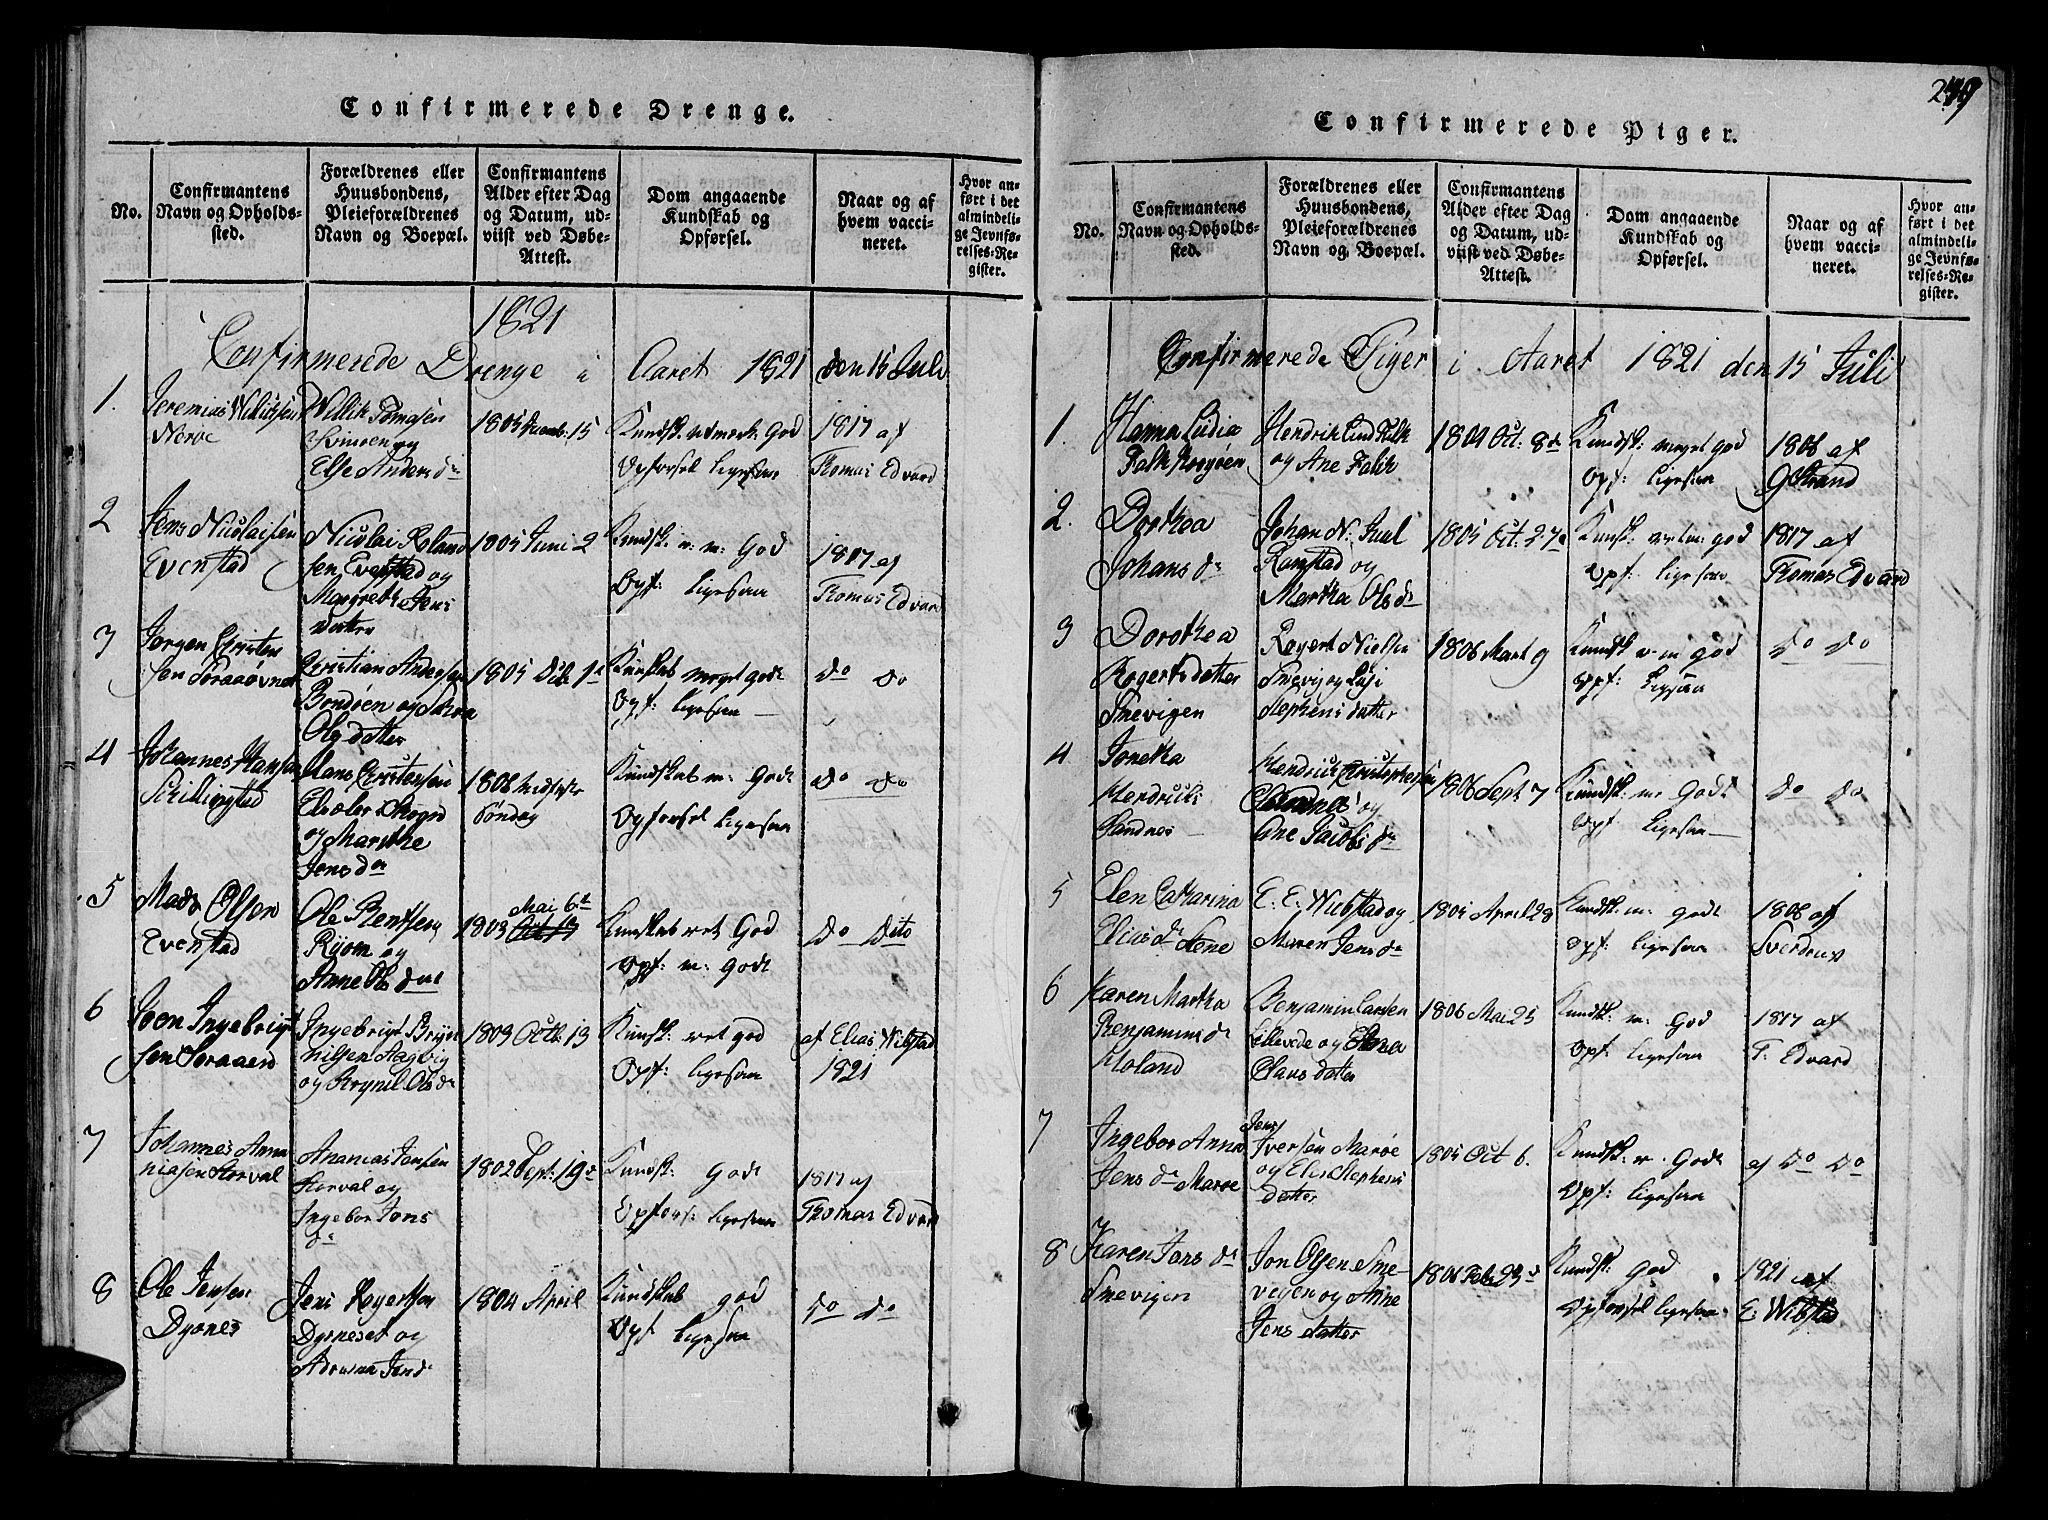 SAT, Ministerialprotokoller, klokkerbøker og fødselsregistre - Nord-Trøndelag, 784/L0679: Klokkerbok nr. 784C01 /1, 1816-1822, s. 249